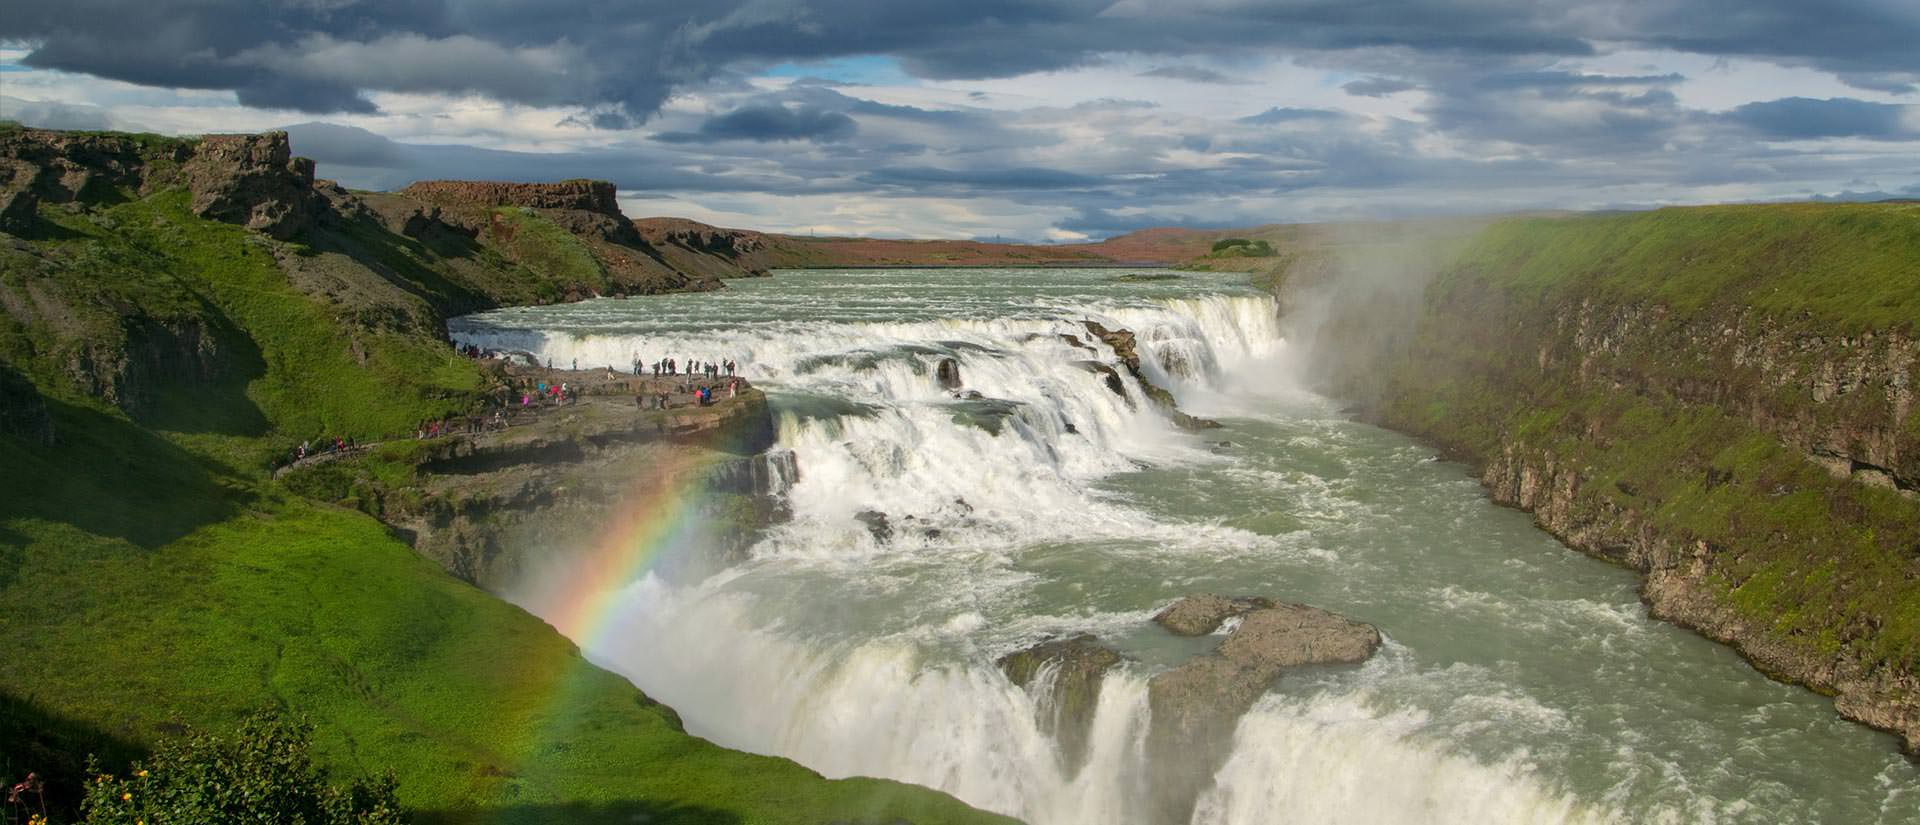 שייט באיסלנד - 9 ימים - ויקינגים ונופים געשיים באחד האיים המרתקים